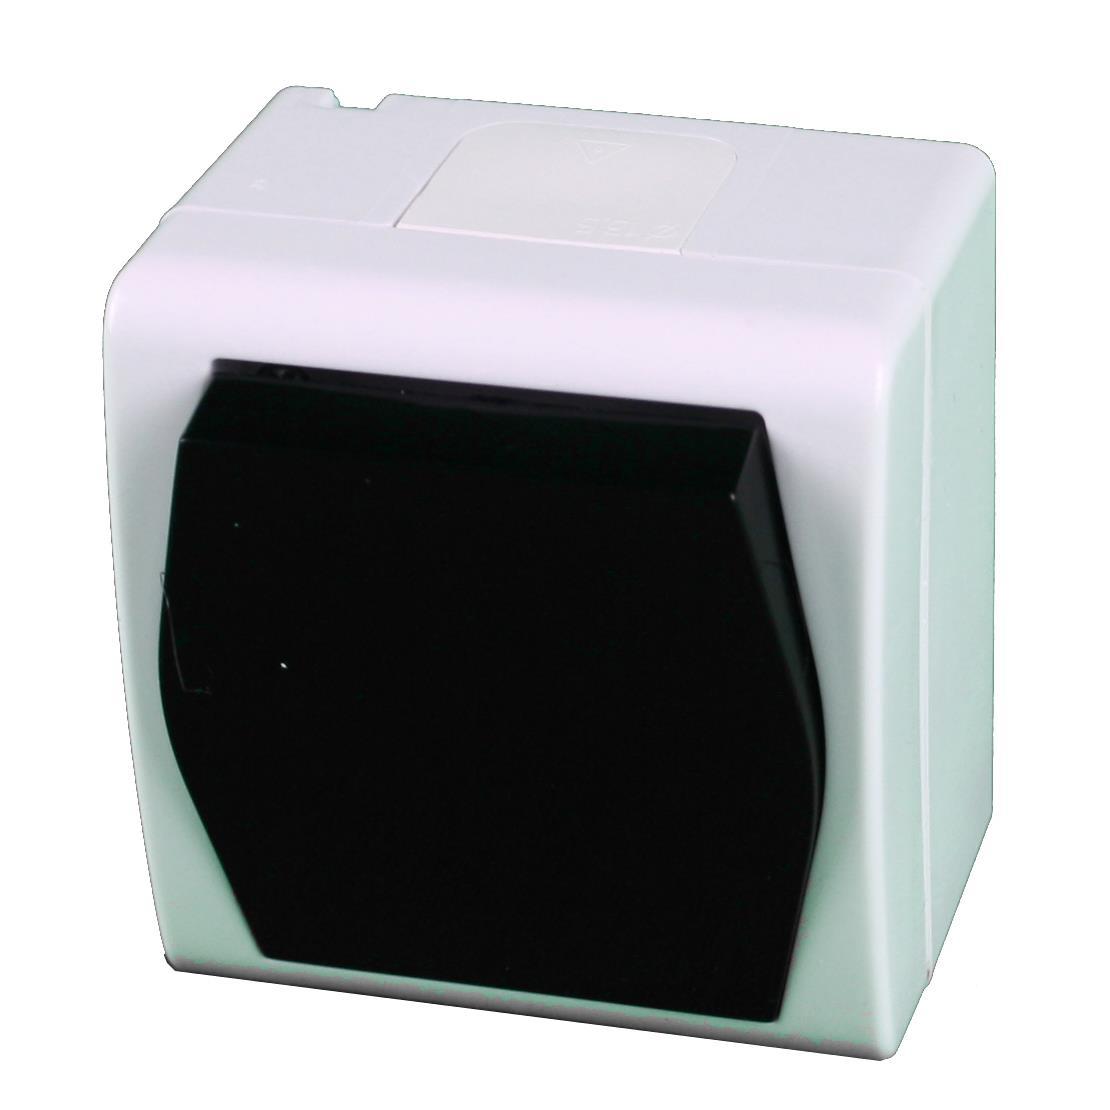 Aufputz Schalter einpolig IP44 10 A 230 V weiß/schwarz HERMES2